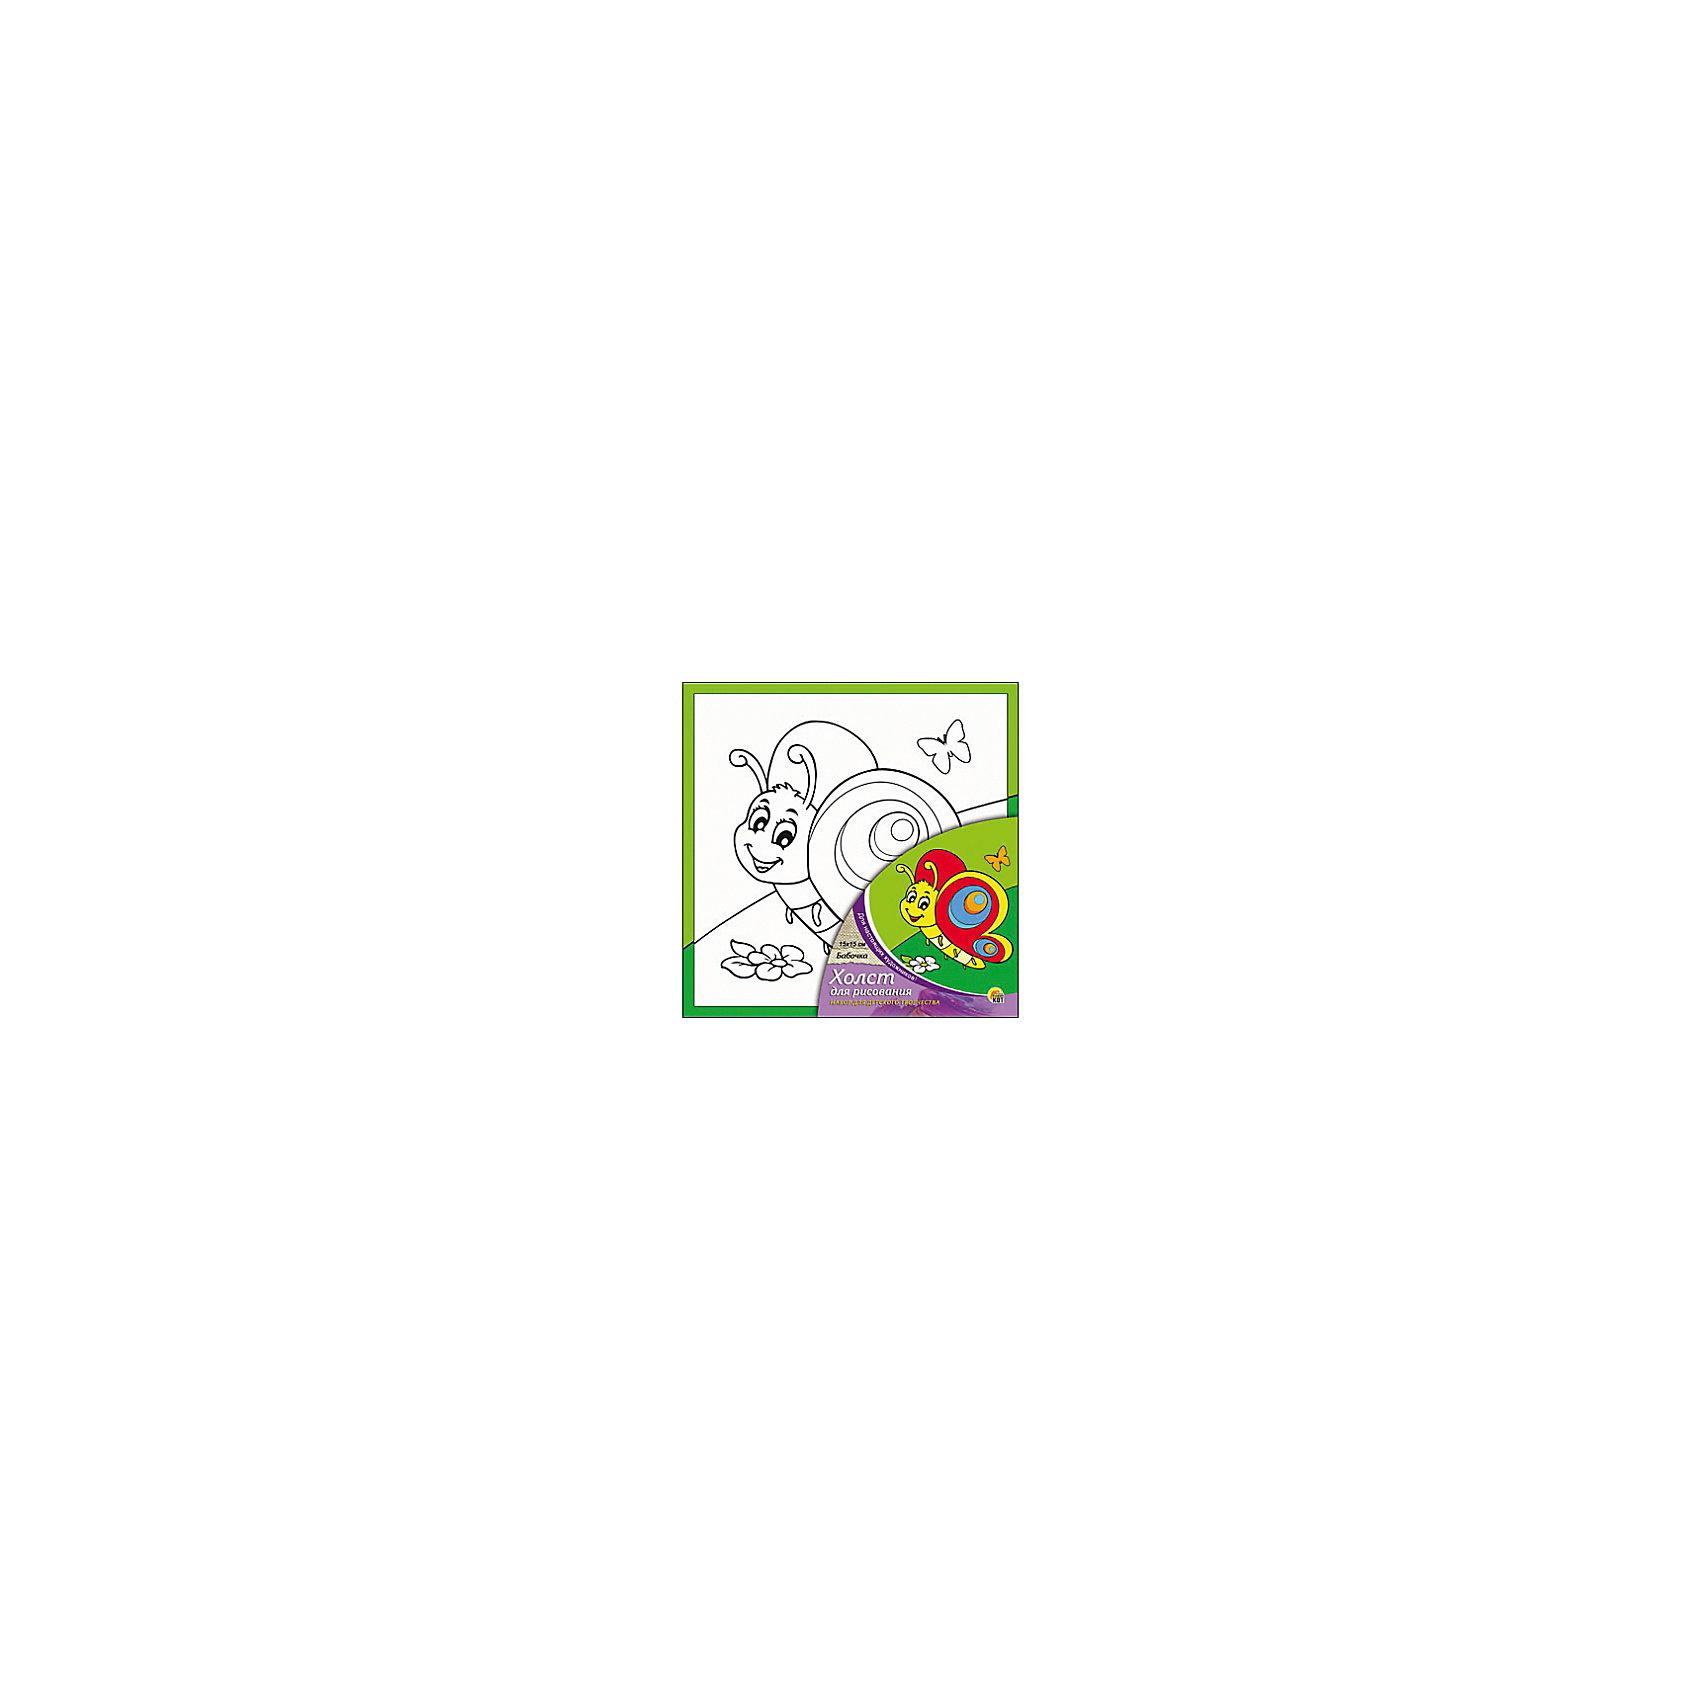 Холст с красками Бабочка  15х15 смзамечательные наборы для создания уникального шедевра изобразительного искусства. Создание картин на специально подготовленной рабочей поверхности – это уникальная техника, позволяющая делать Ваши шедевры более яркими и реалистичными. Просто нанесите мазки на уже готовый эскиз и оживите картину! Готовые изделия могут стать украшением интерьера или прекрасным подарком близким и друзьям.<br><br>Ширина мм: 150<br>Глубина мм: 150<br>Высота мм: 15<br>Вес г: 838<br>Возраст от месяцев: 36<br>Возраст до месяцев: 108<br>Пол: Унисекс<br>Возраст: Детский<br>SKU: 5096730